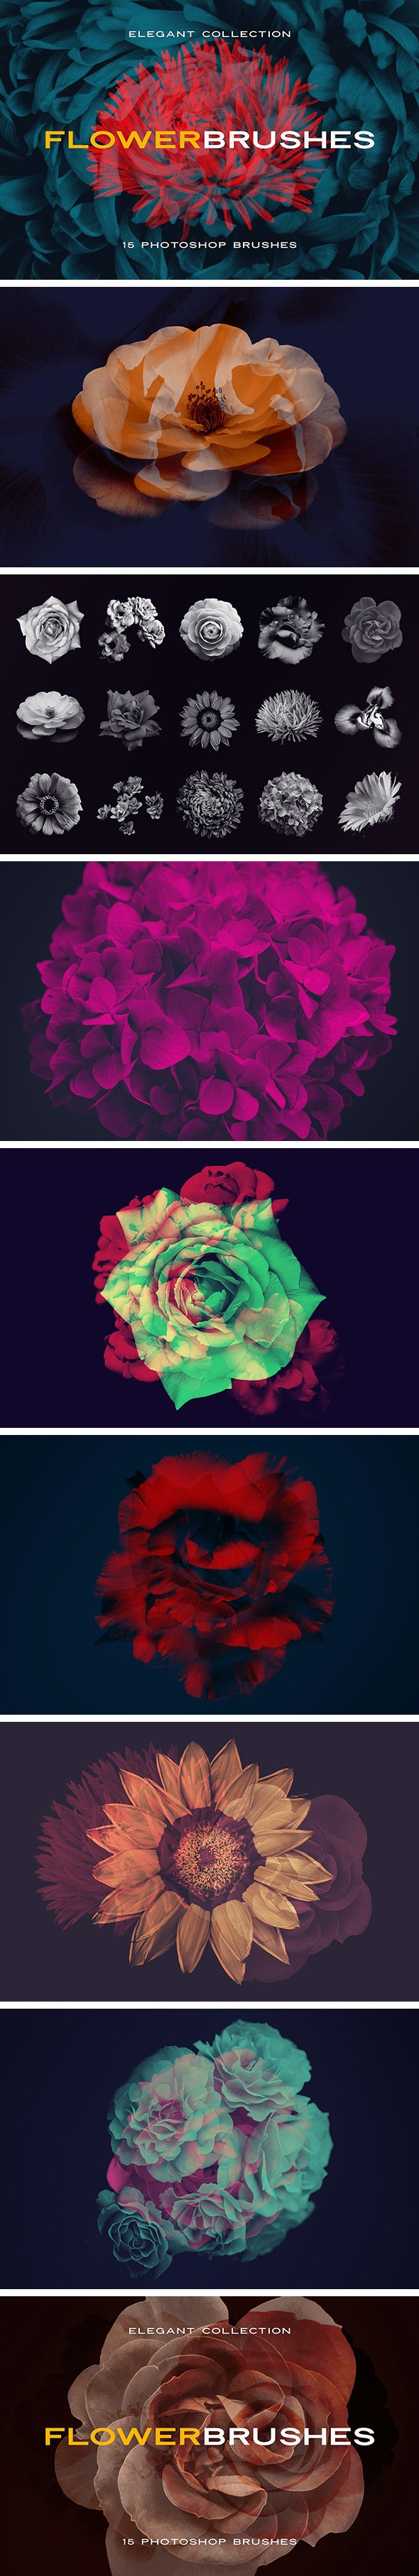 Elegant Flower Brushes for Photoshop - Brushes Photoshop